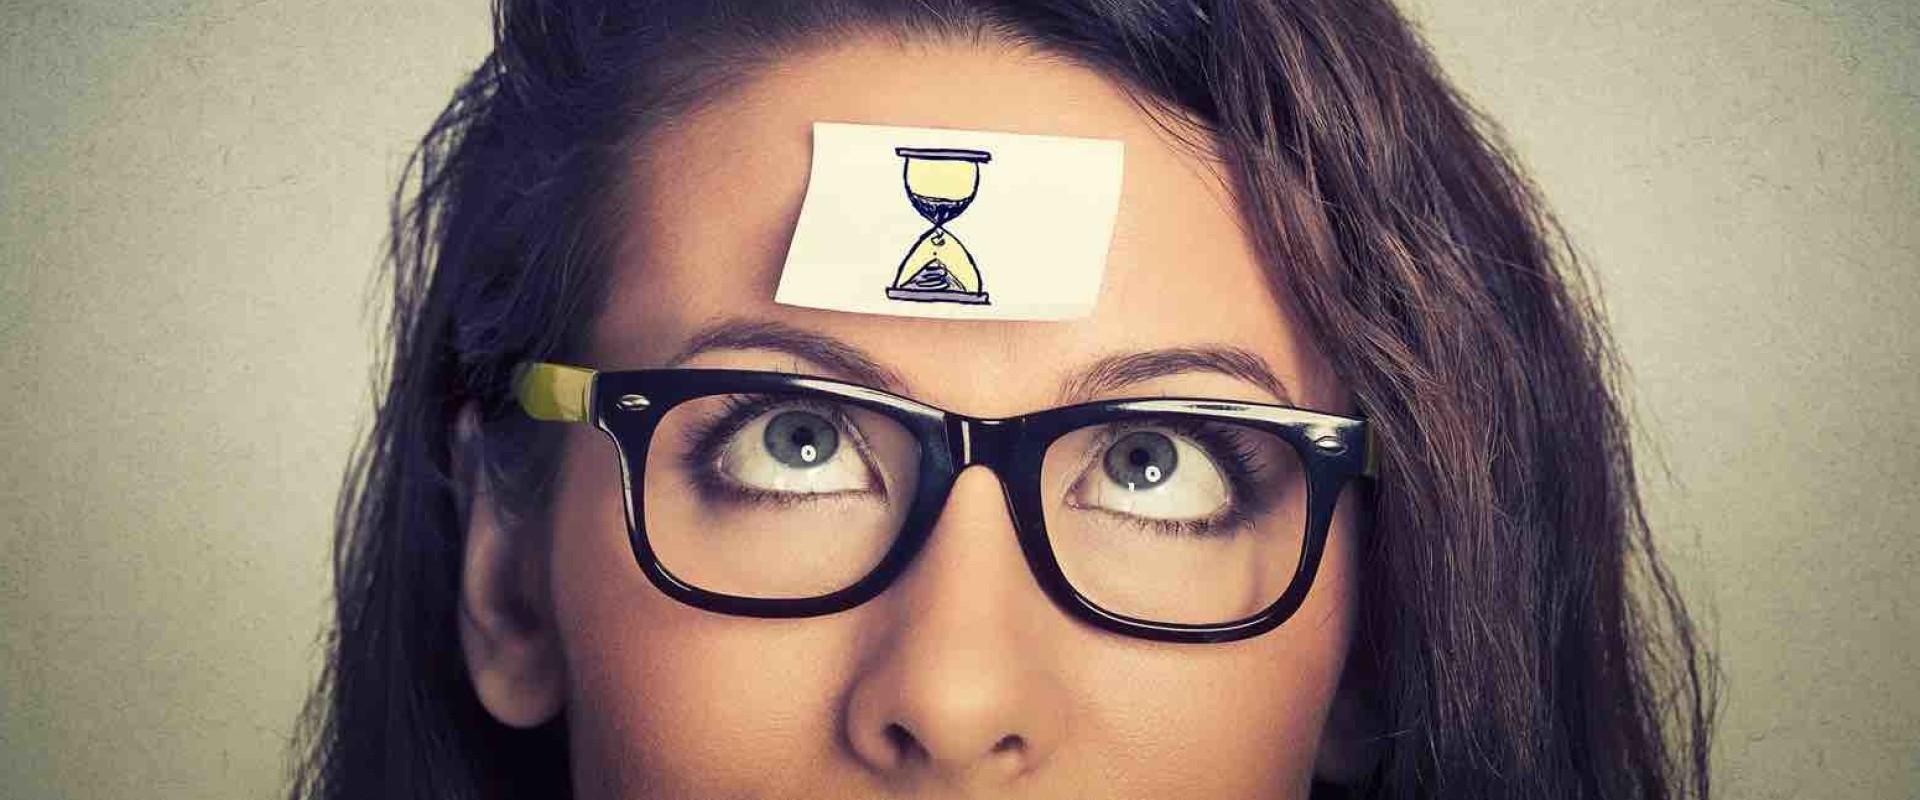 Tijdmanagement: 7 simpele tips voor meer tijd